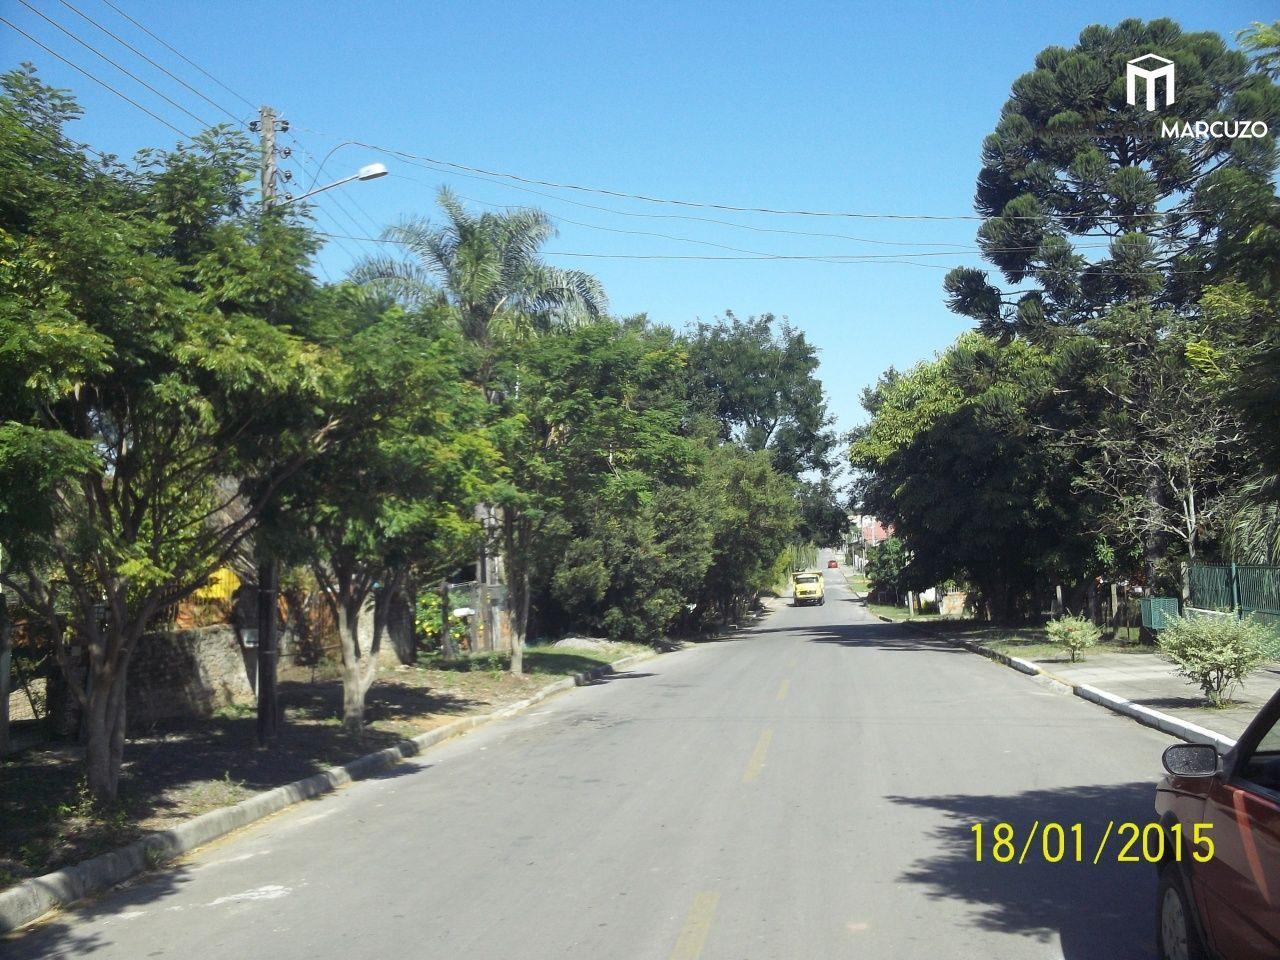 Terreno/Lote à venda, 488 m² por R$ 140.000,00